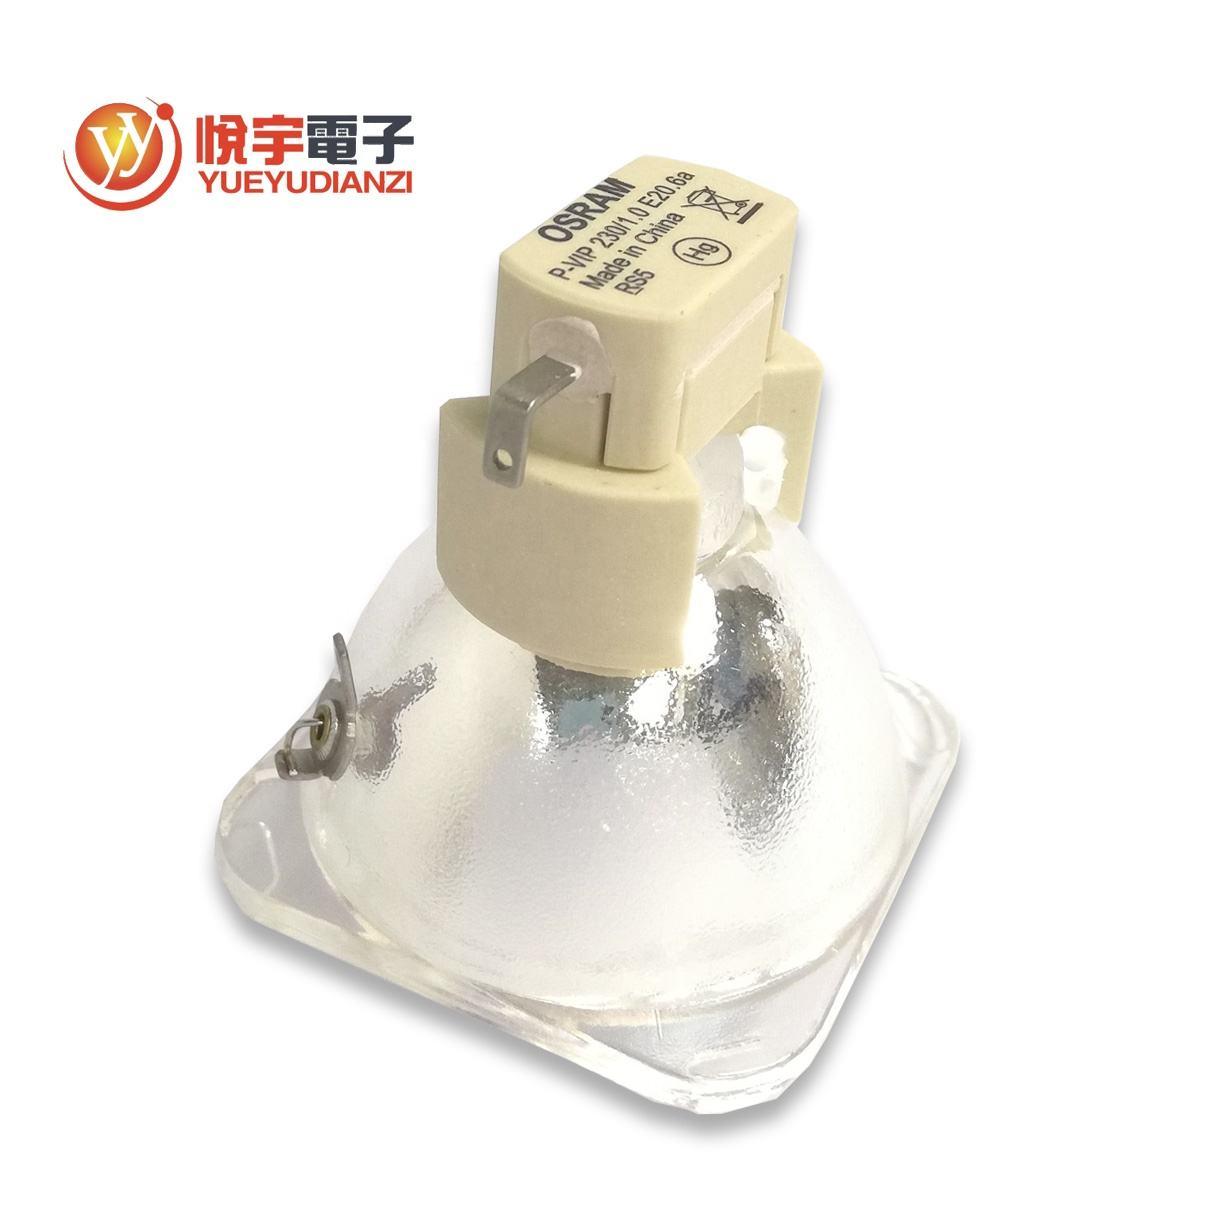 도매 프로젝터 RLC-036 VIEWSONIC PJ559D PJD6230 프로젝터 교체 램프